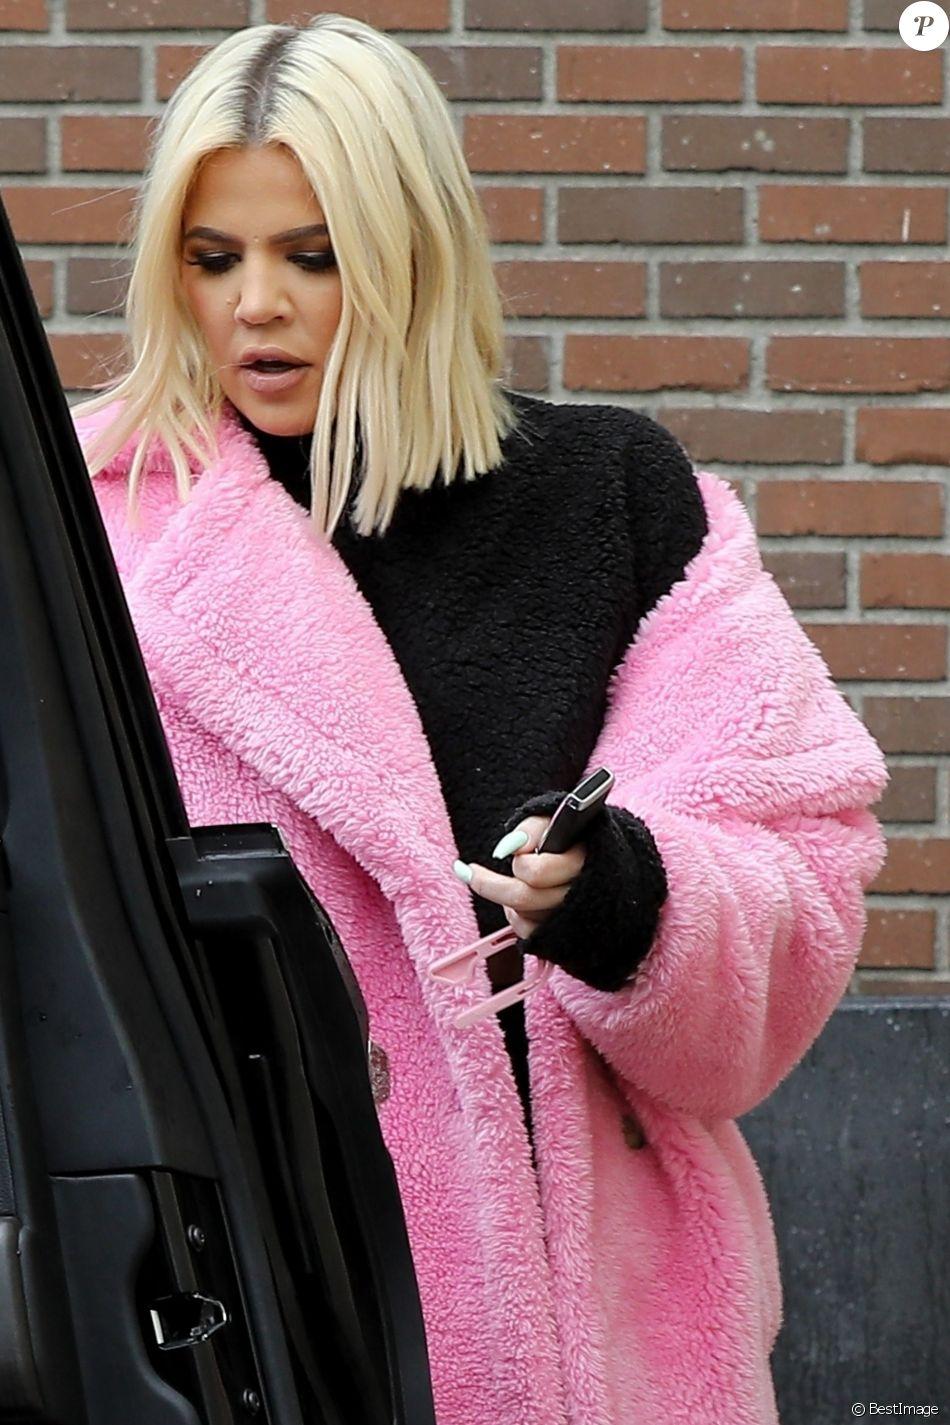 Exclusif - Khloe Kardashian est allée se faire pouponner dans un salon de beauté à Los Angeles. Khloe porte son manteau rose Teddy Bear ! Le 20 mars 2019.